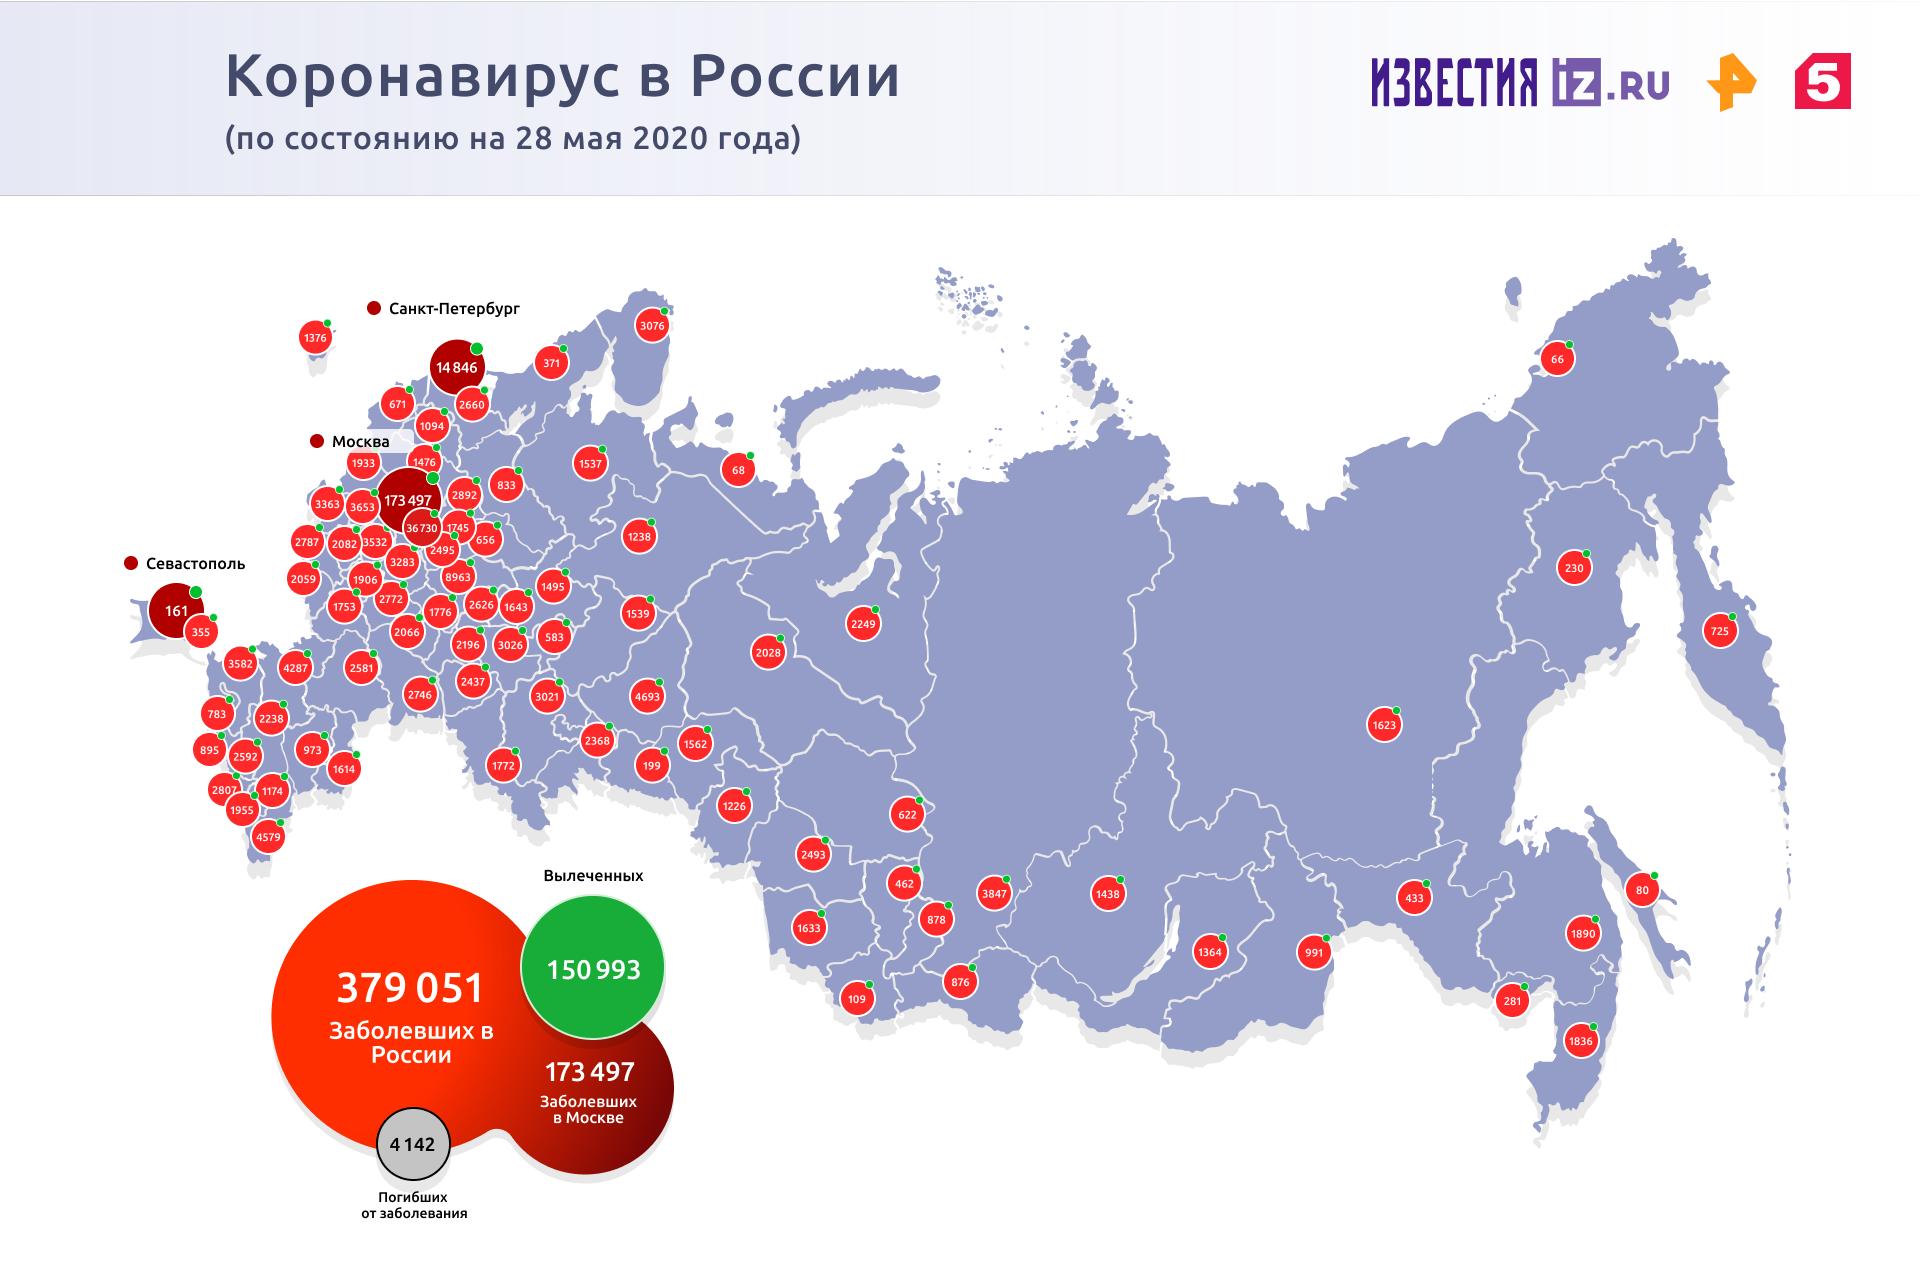 Онищенко назвал один из очагов распространения коронавируса